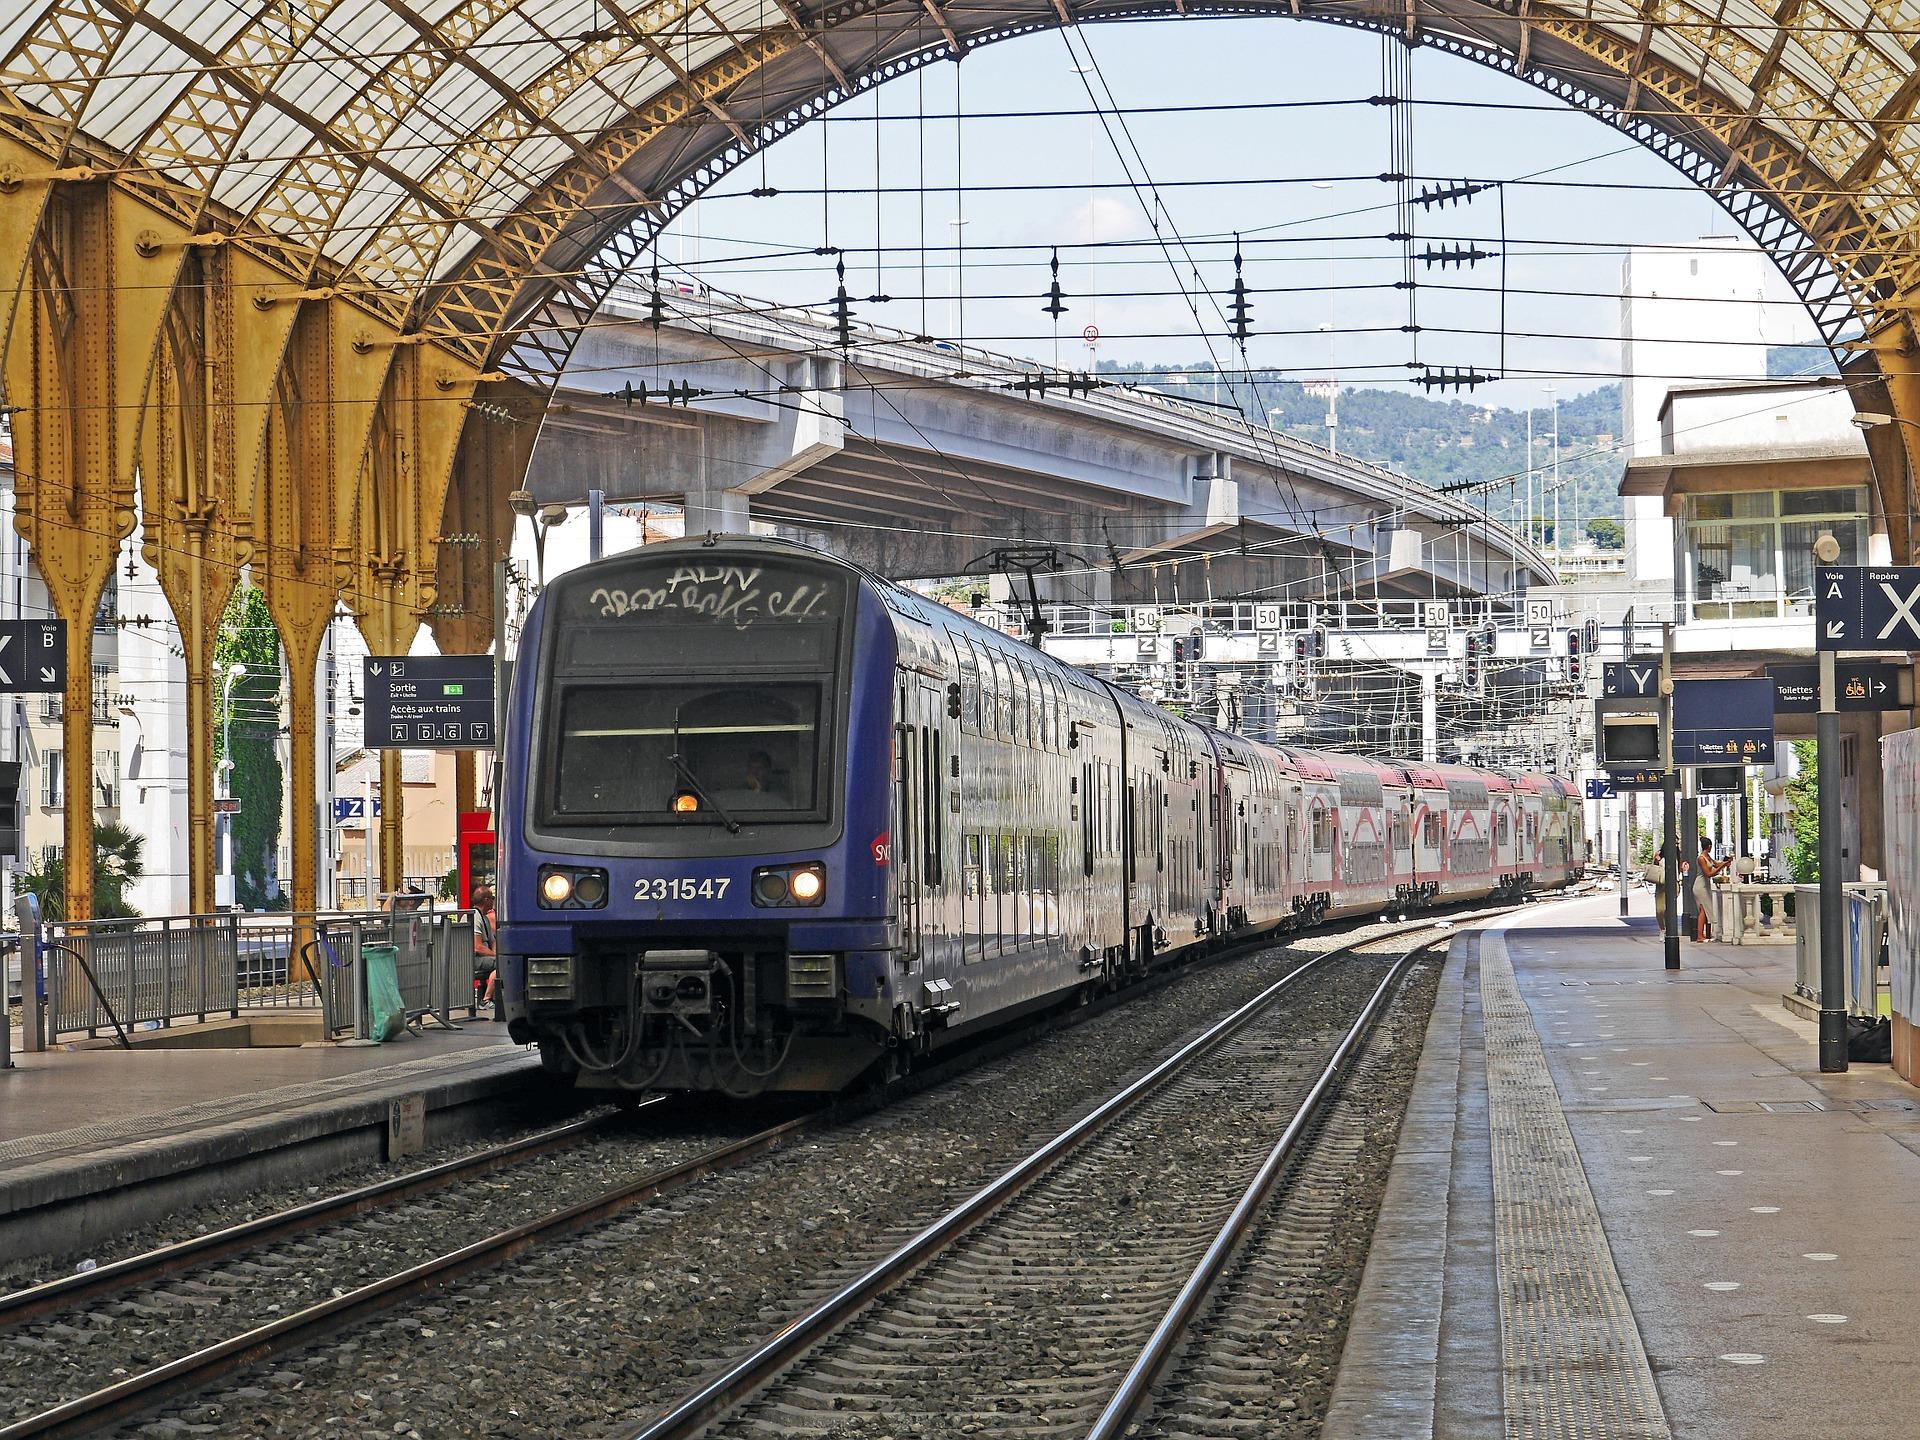 SNCF : l'Etat reprendra entre 30 et 35 milliards d'euros de la dette